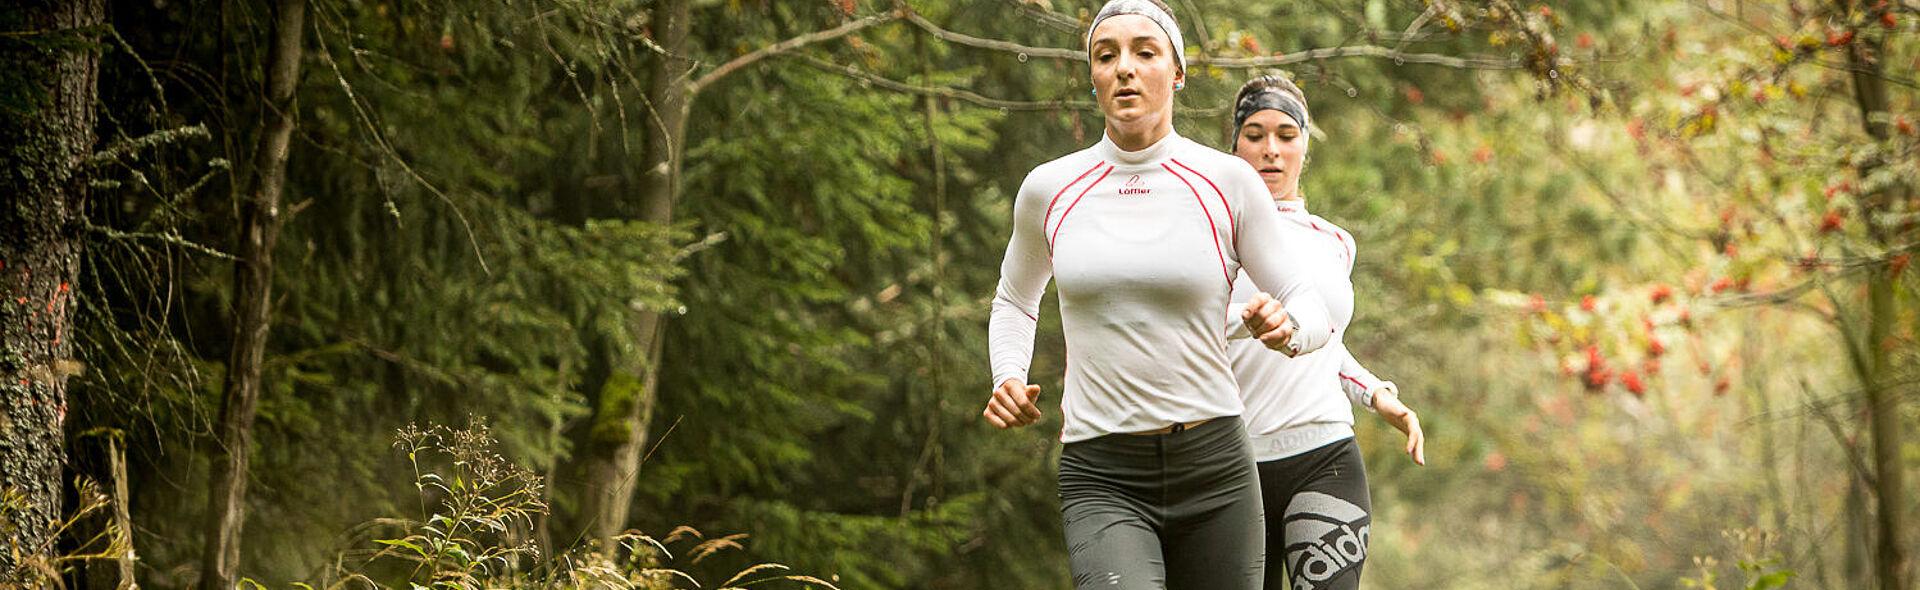 Crosslauf Trail Running Joggen Laufen Ausdauer Trainingszentrum Oberwiesenthal Fichtelberg